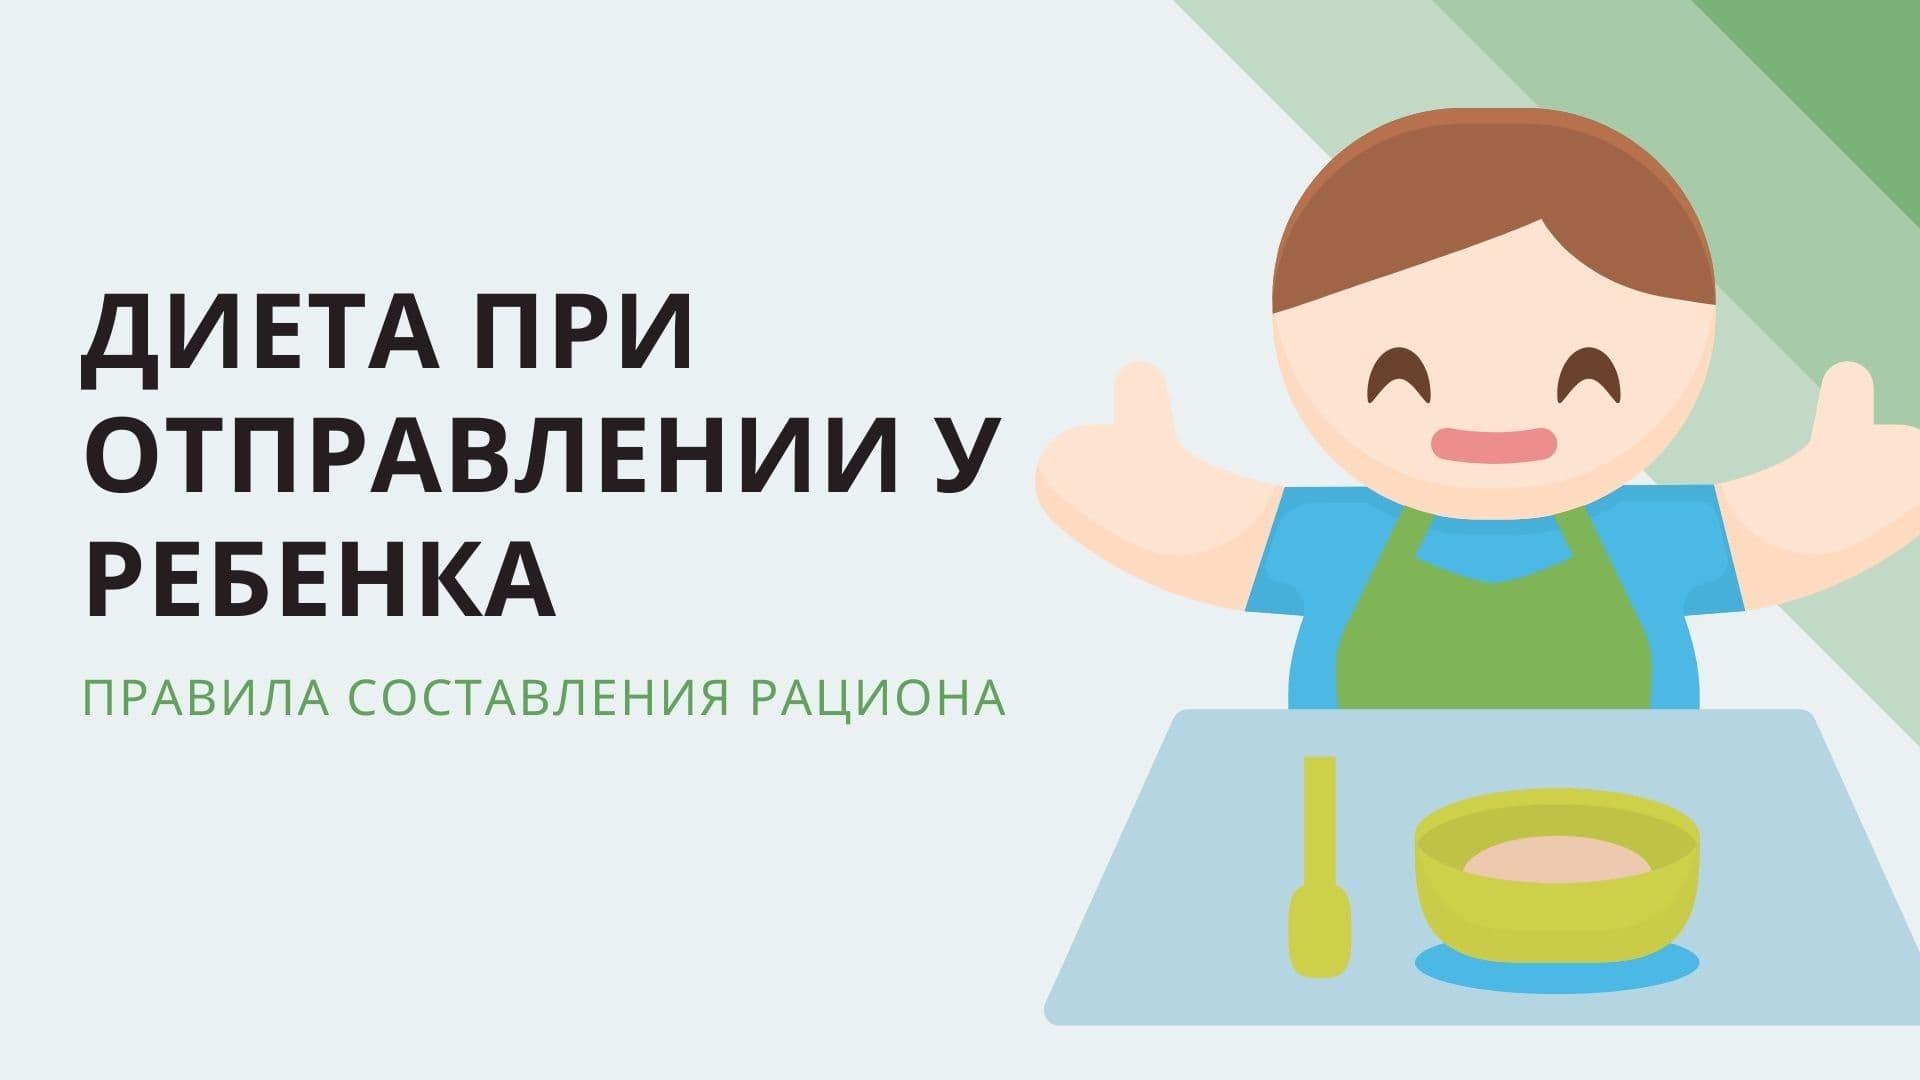 Диета при отравлении у ребенка: правила составления рациона